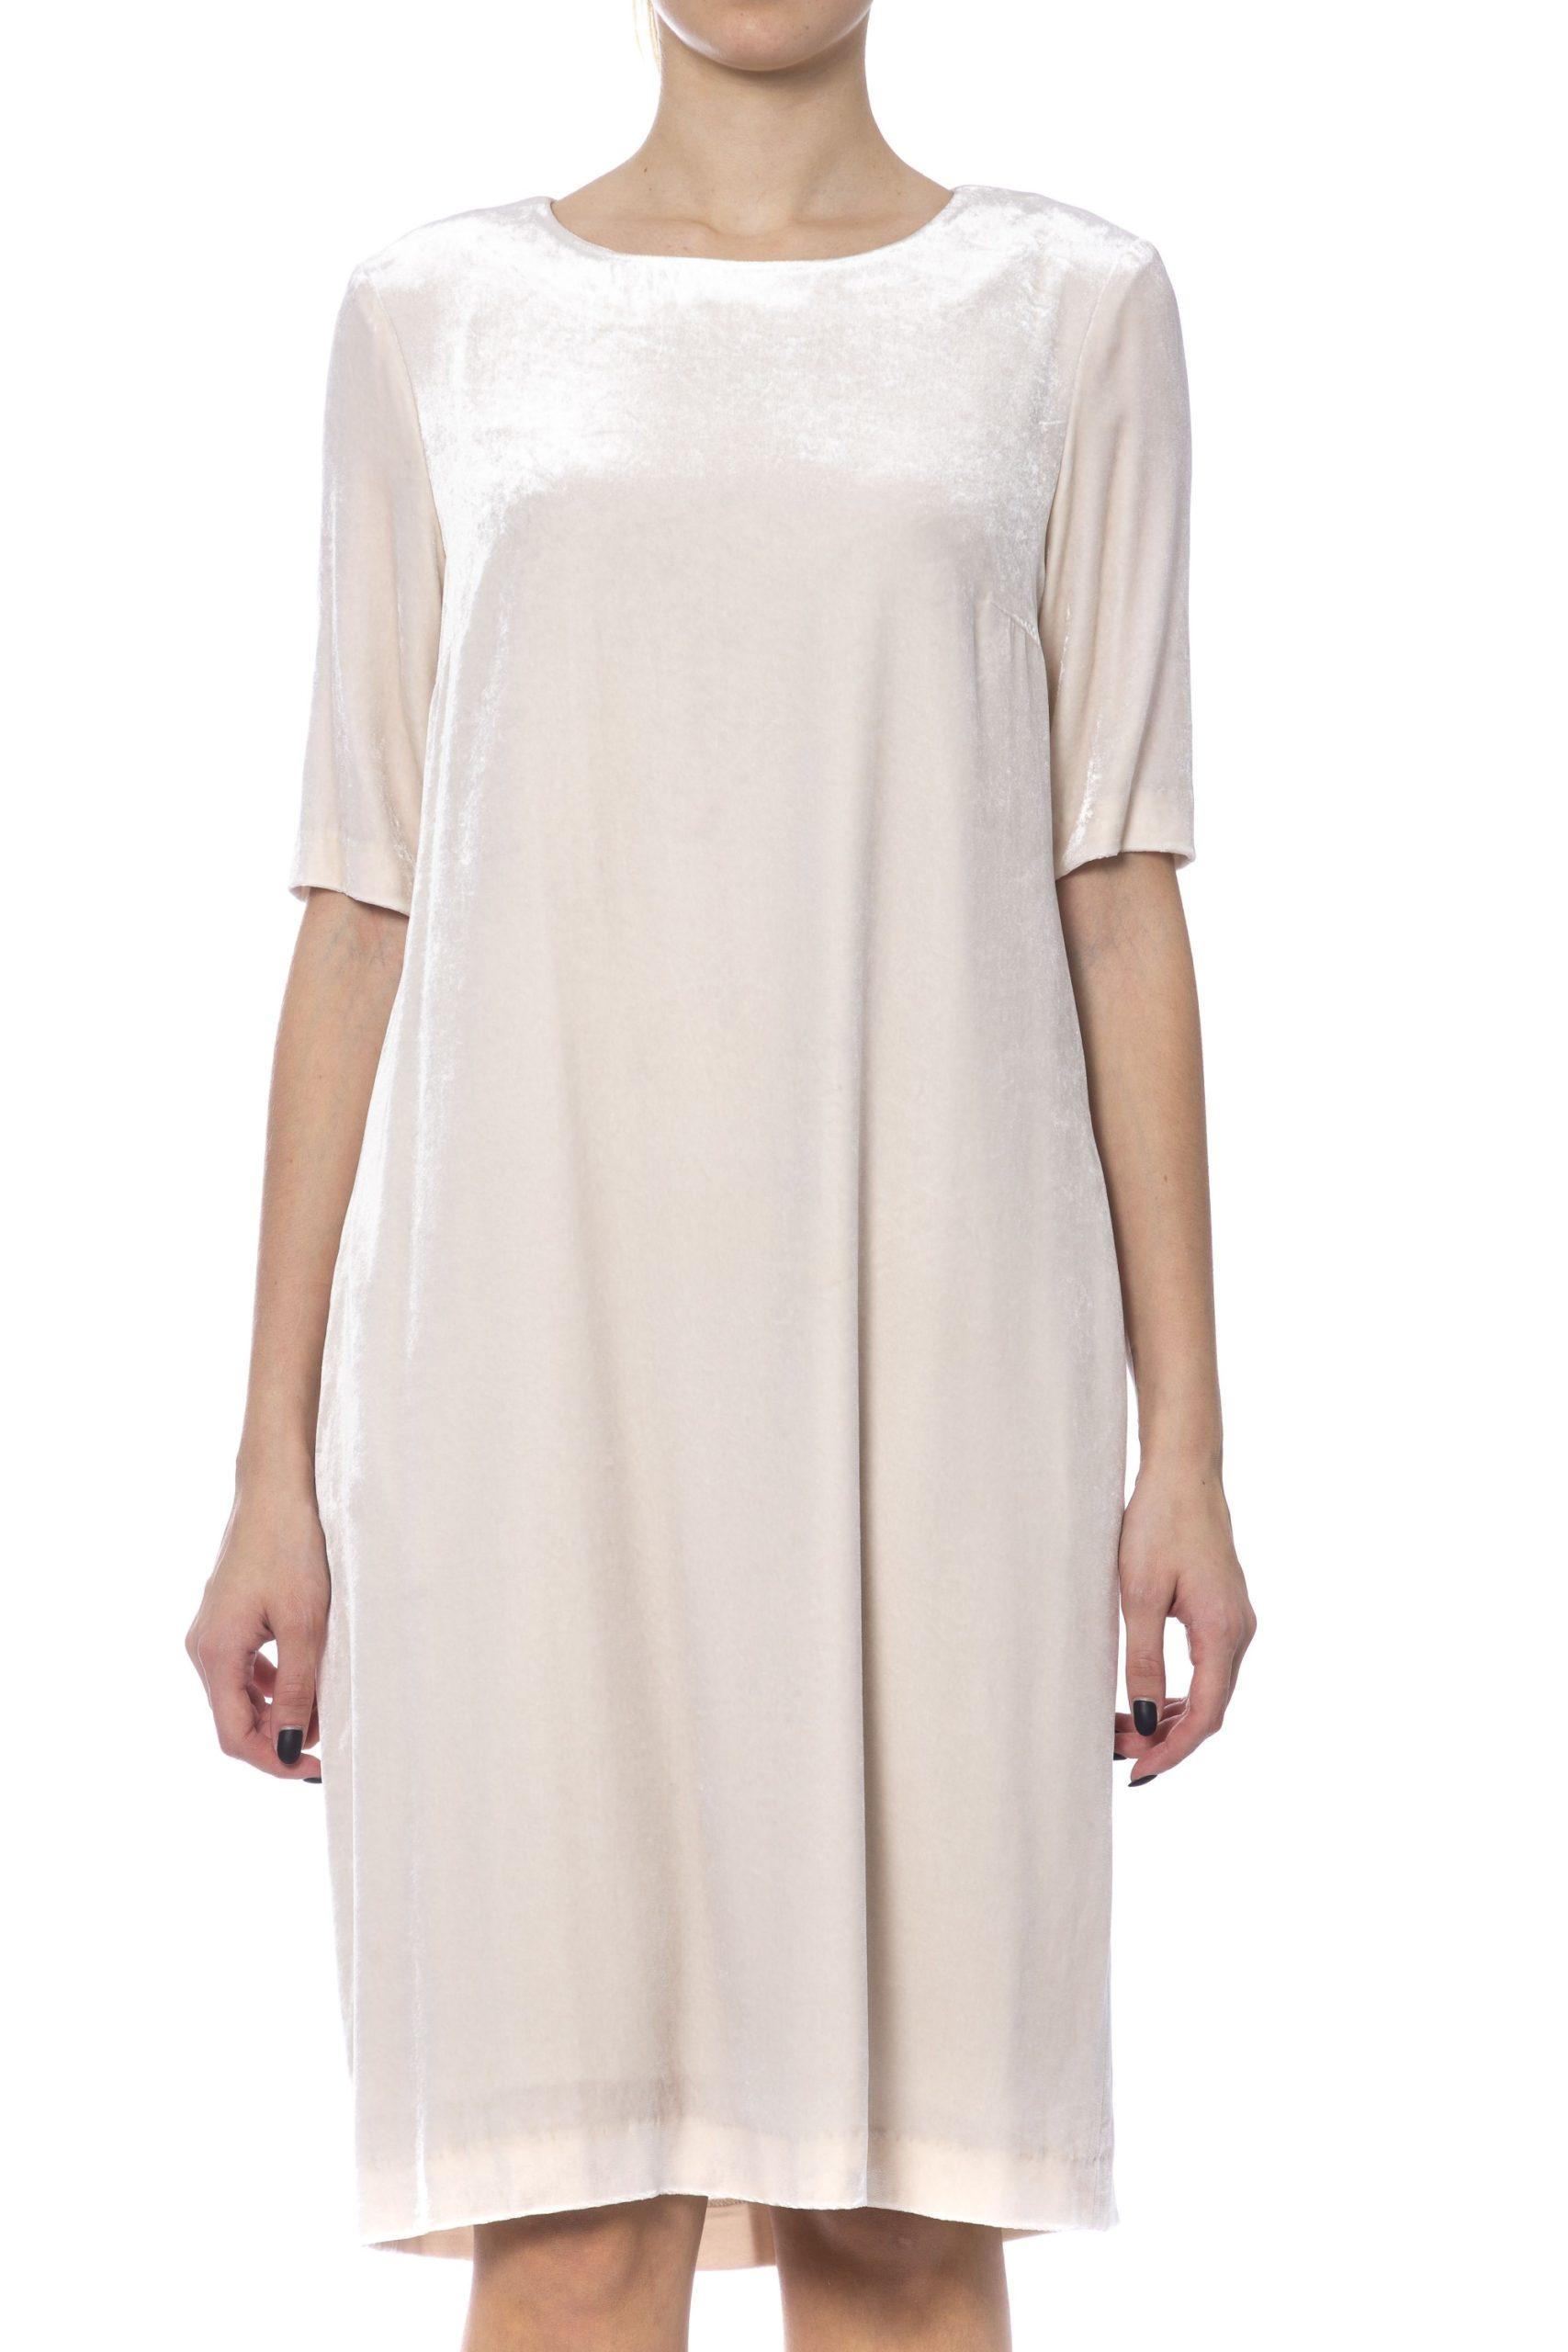 Peserico Women's Dress Beige PE993472 - IT42 | S